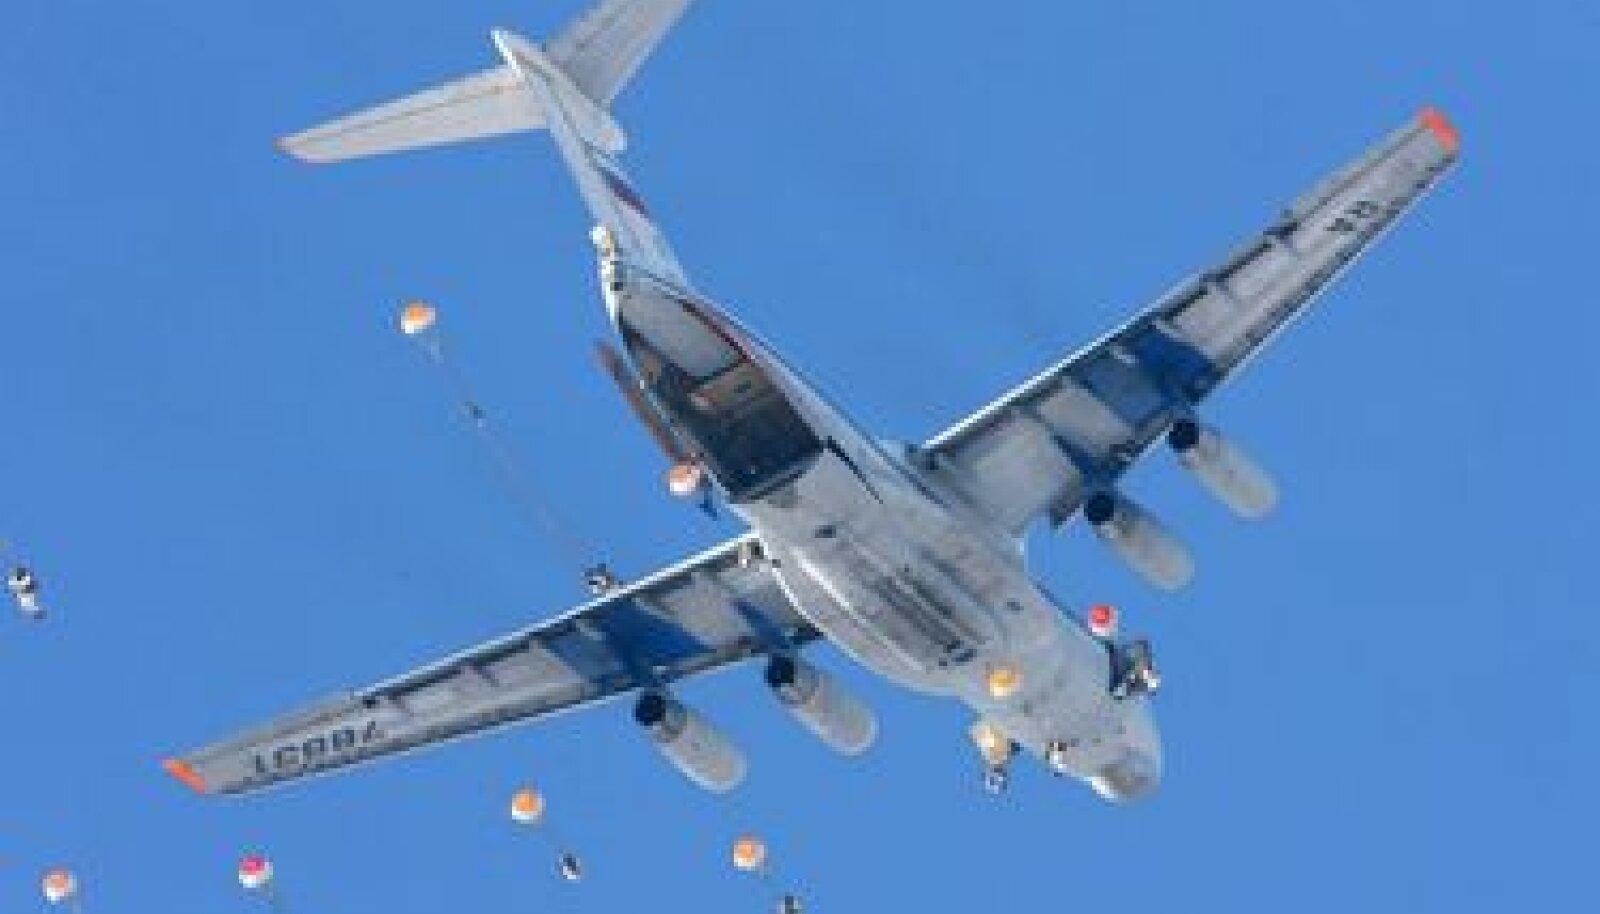 Vene transpordilennuk Il-76